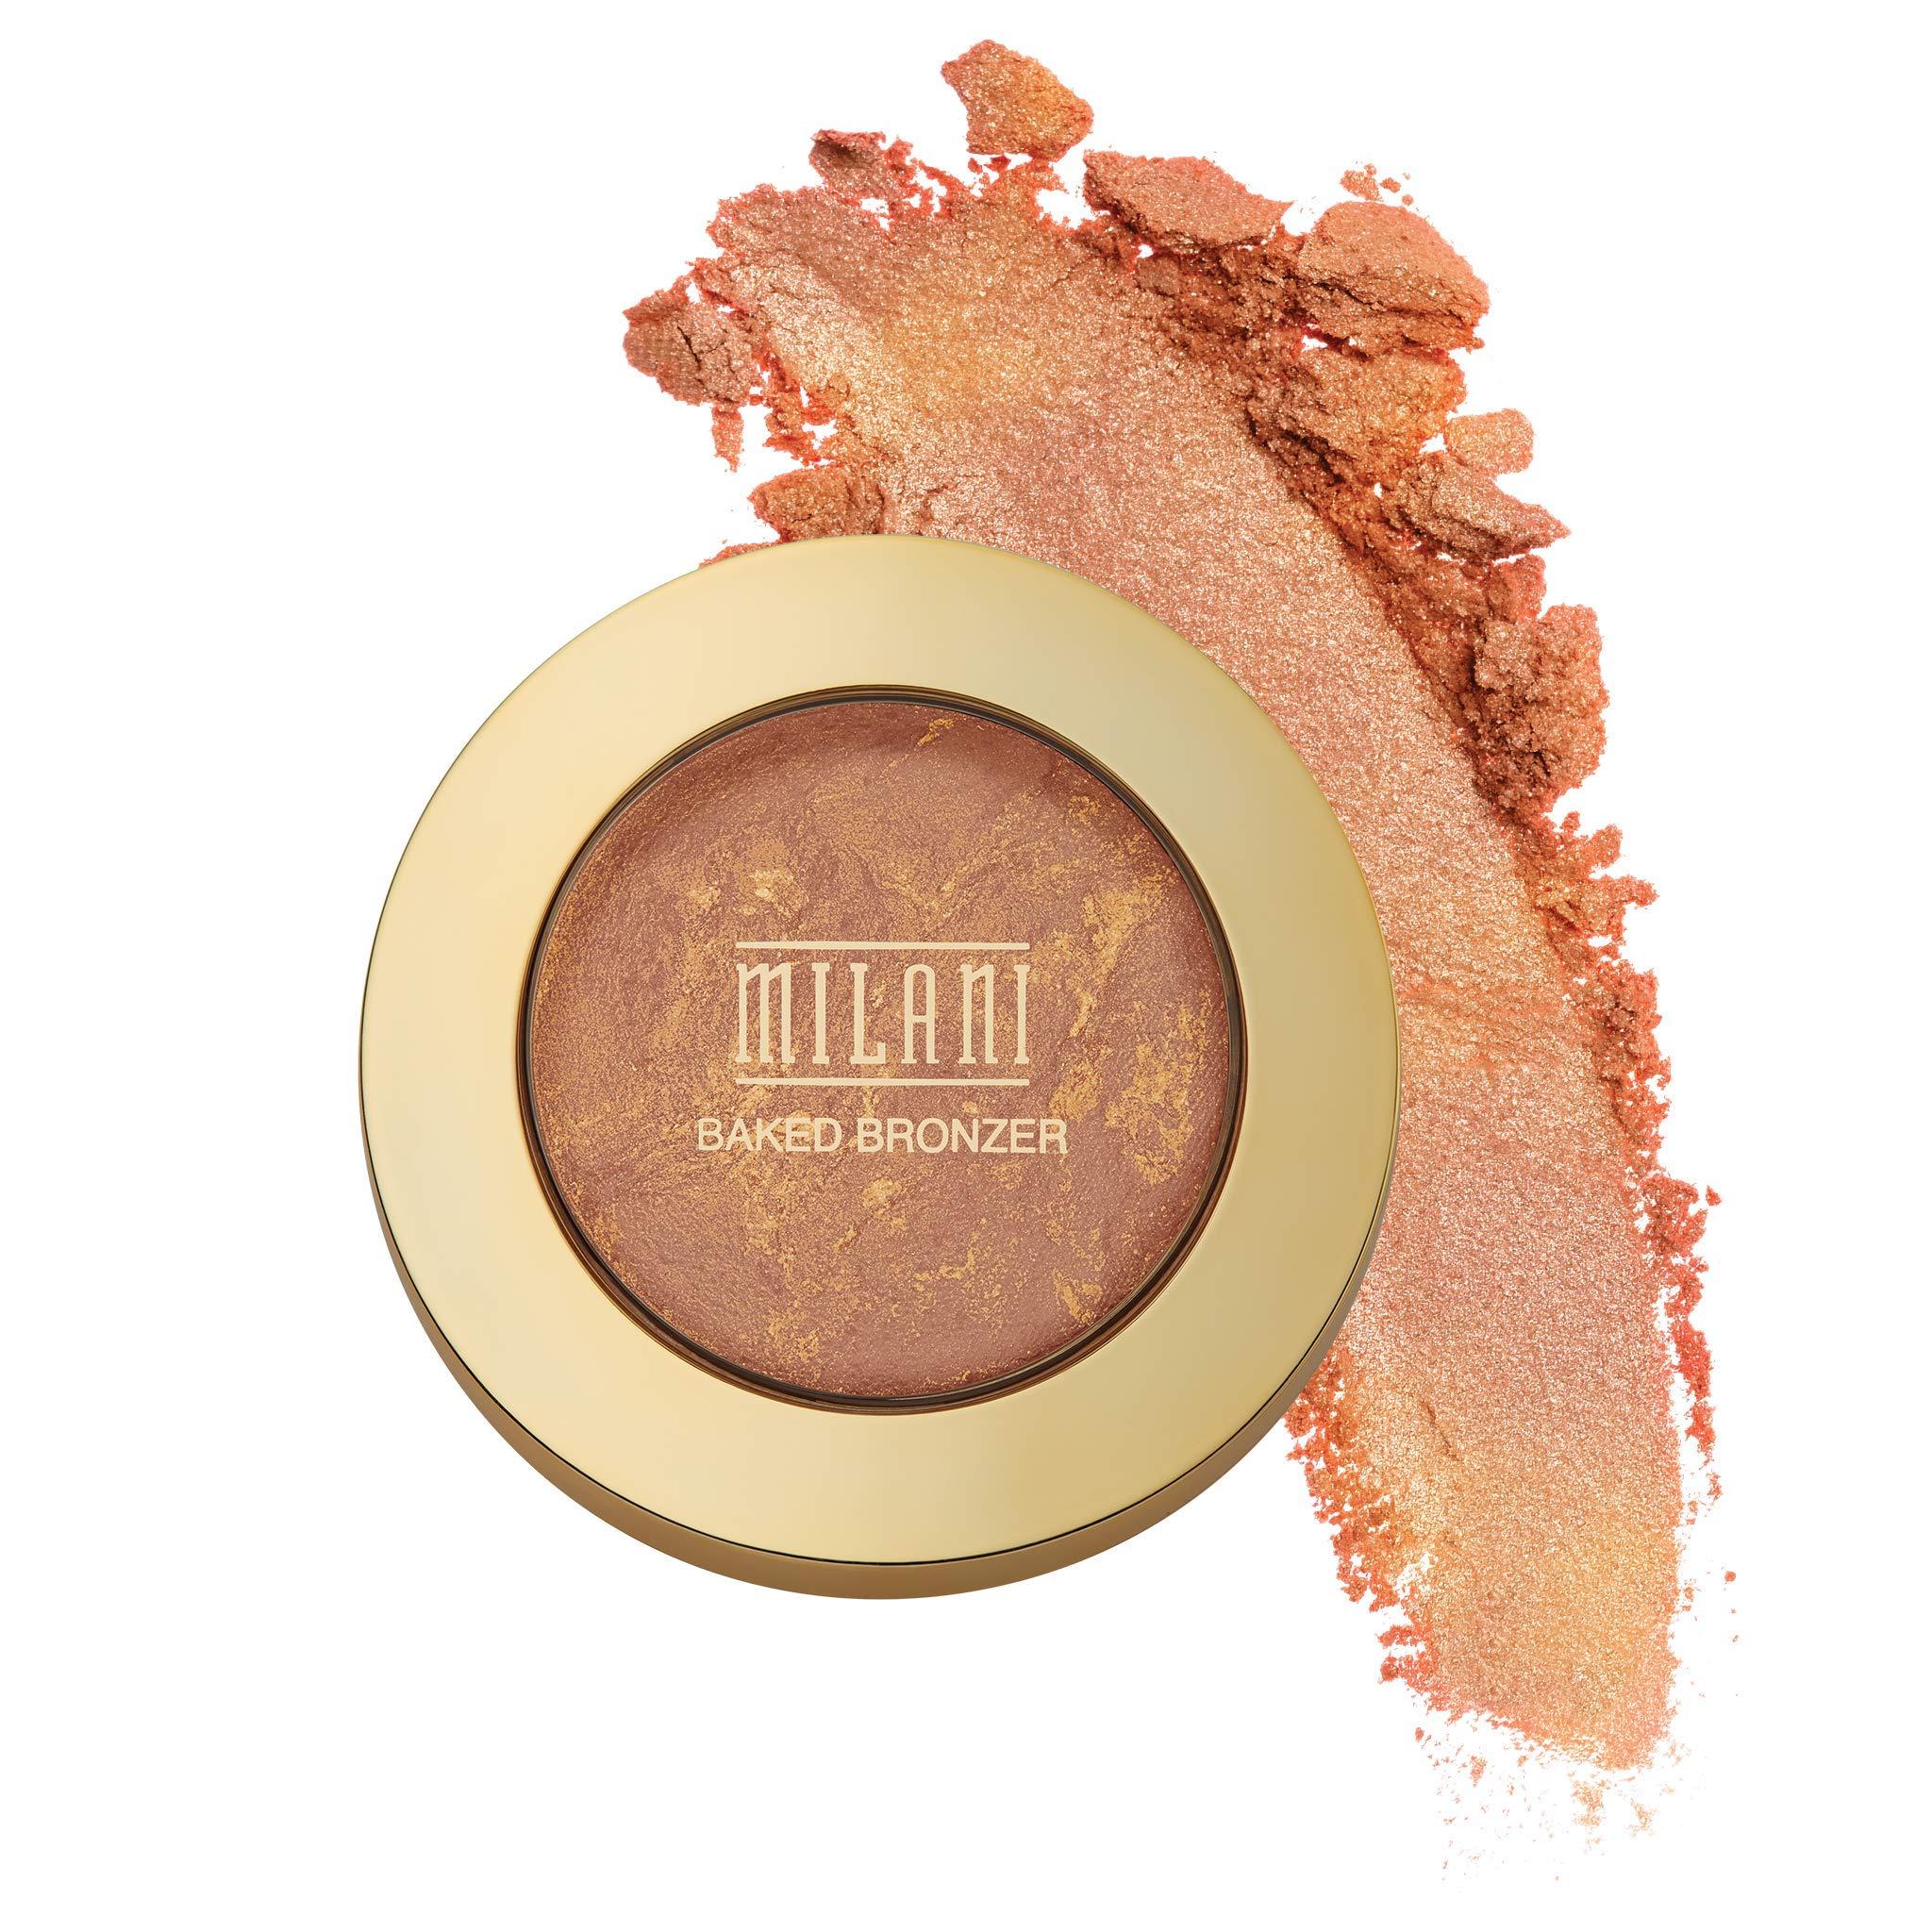 Milani Baked Bronzer, Glow